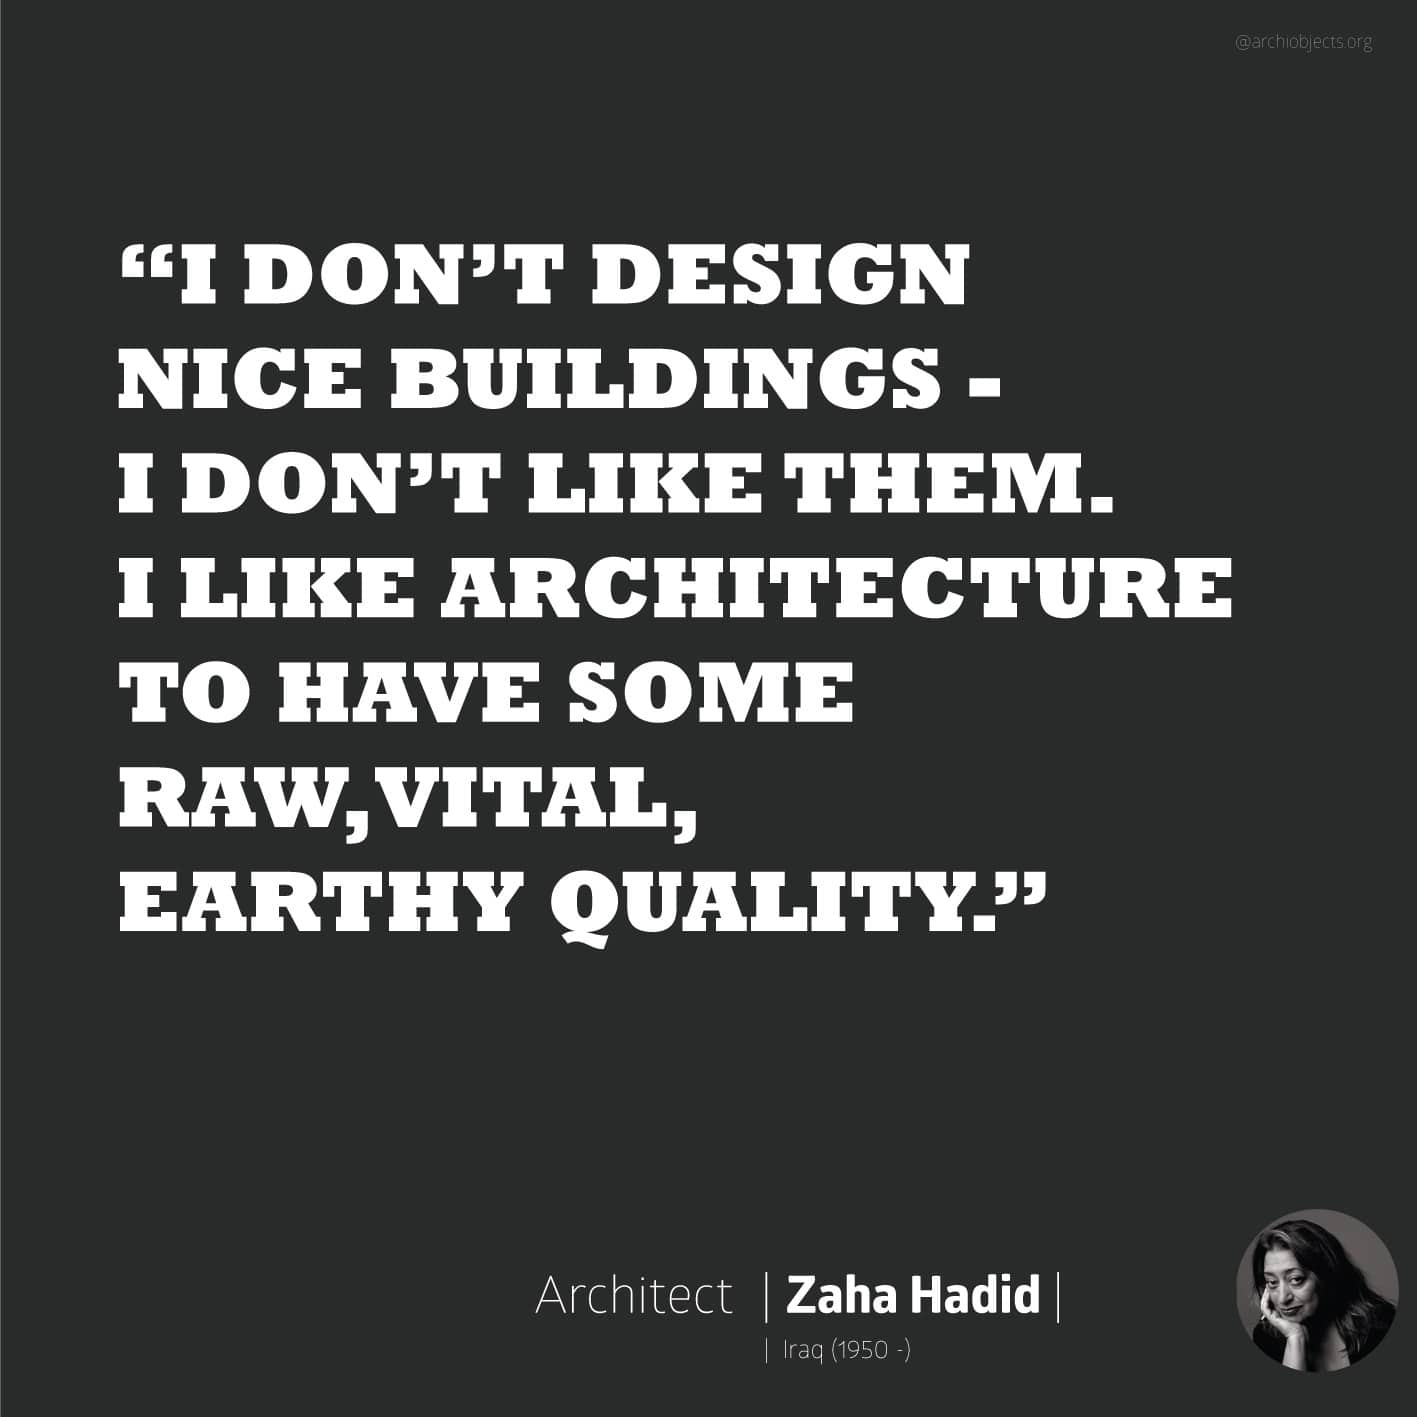 hadid quote